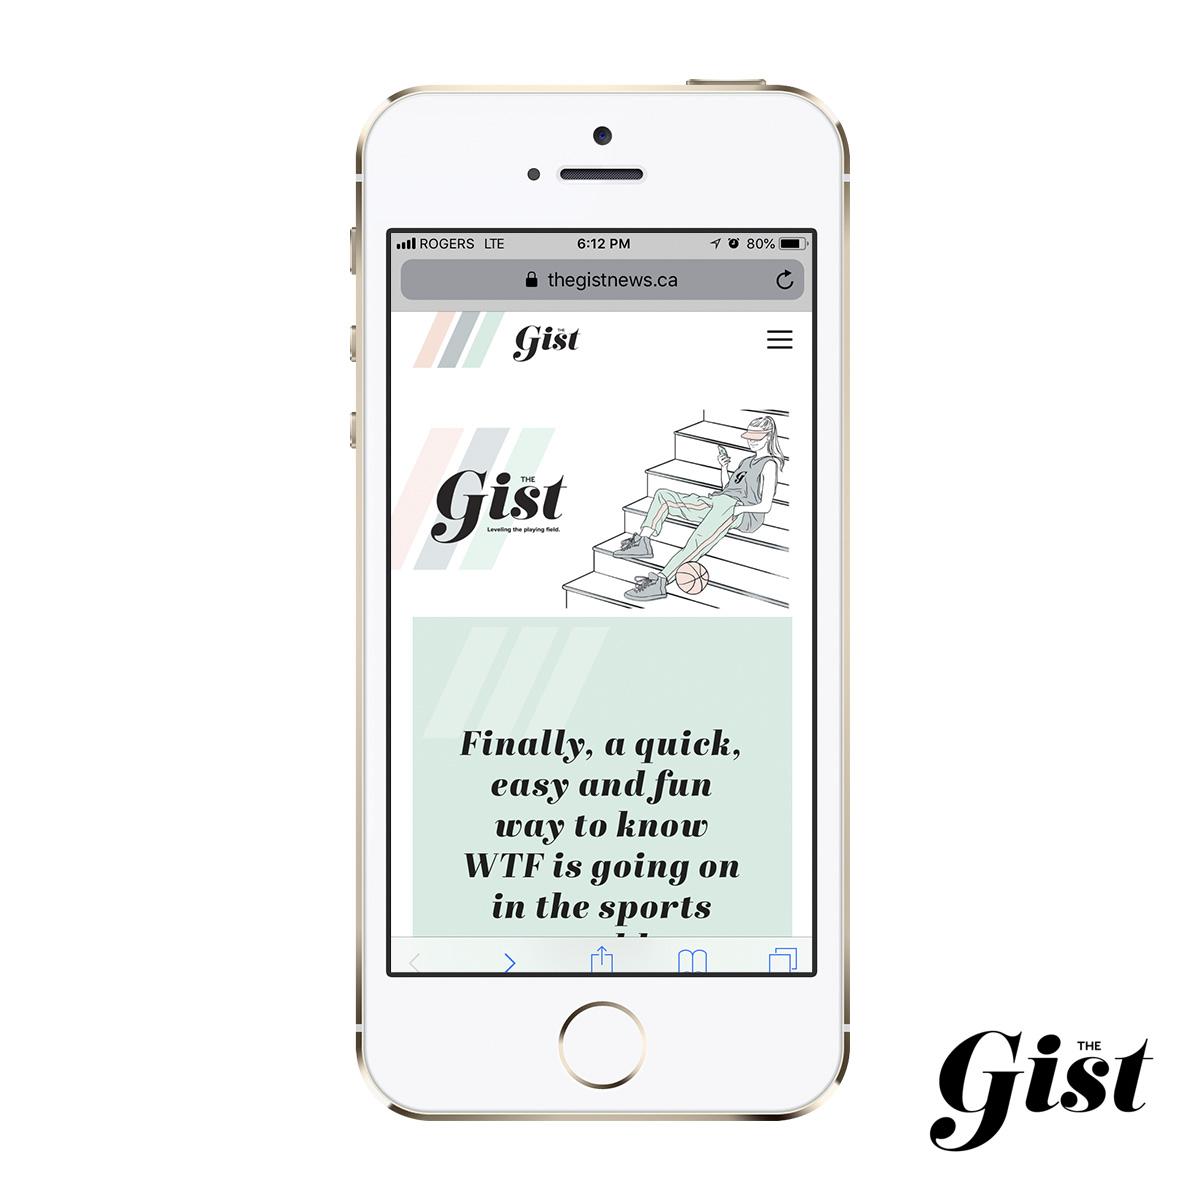 The Gist News